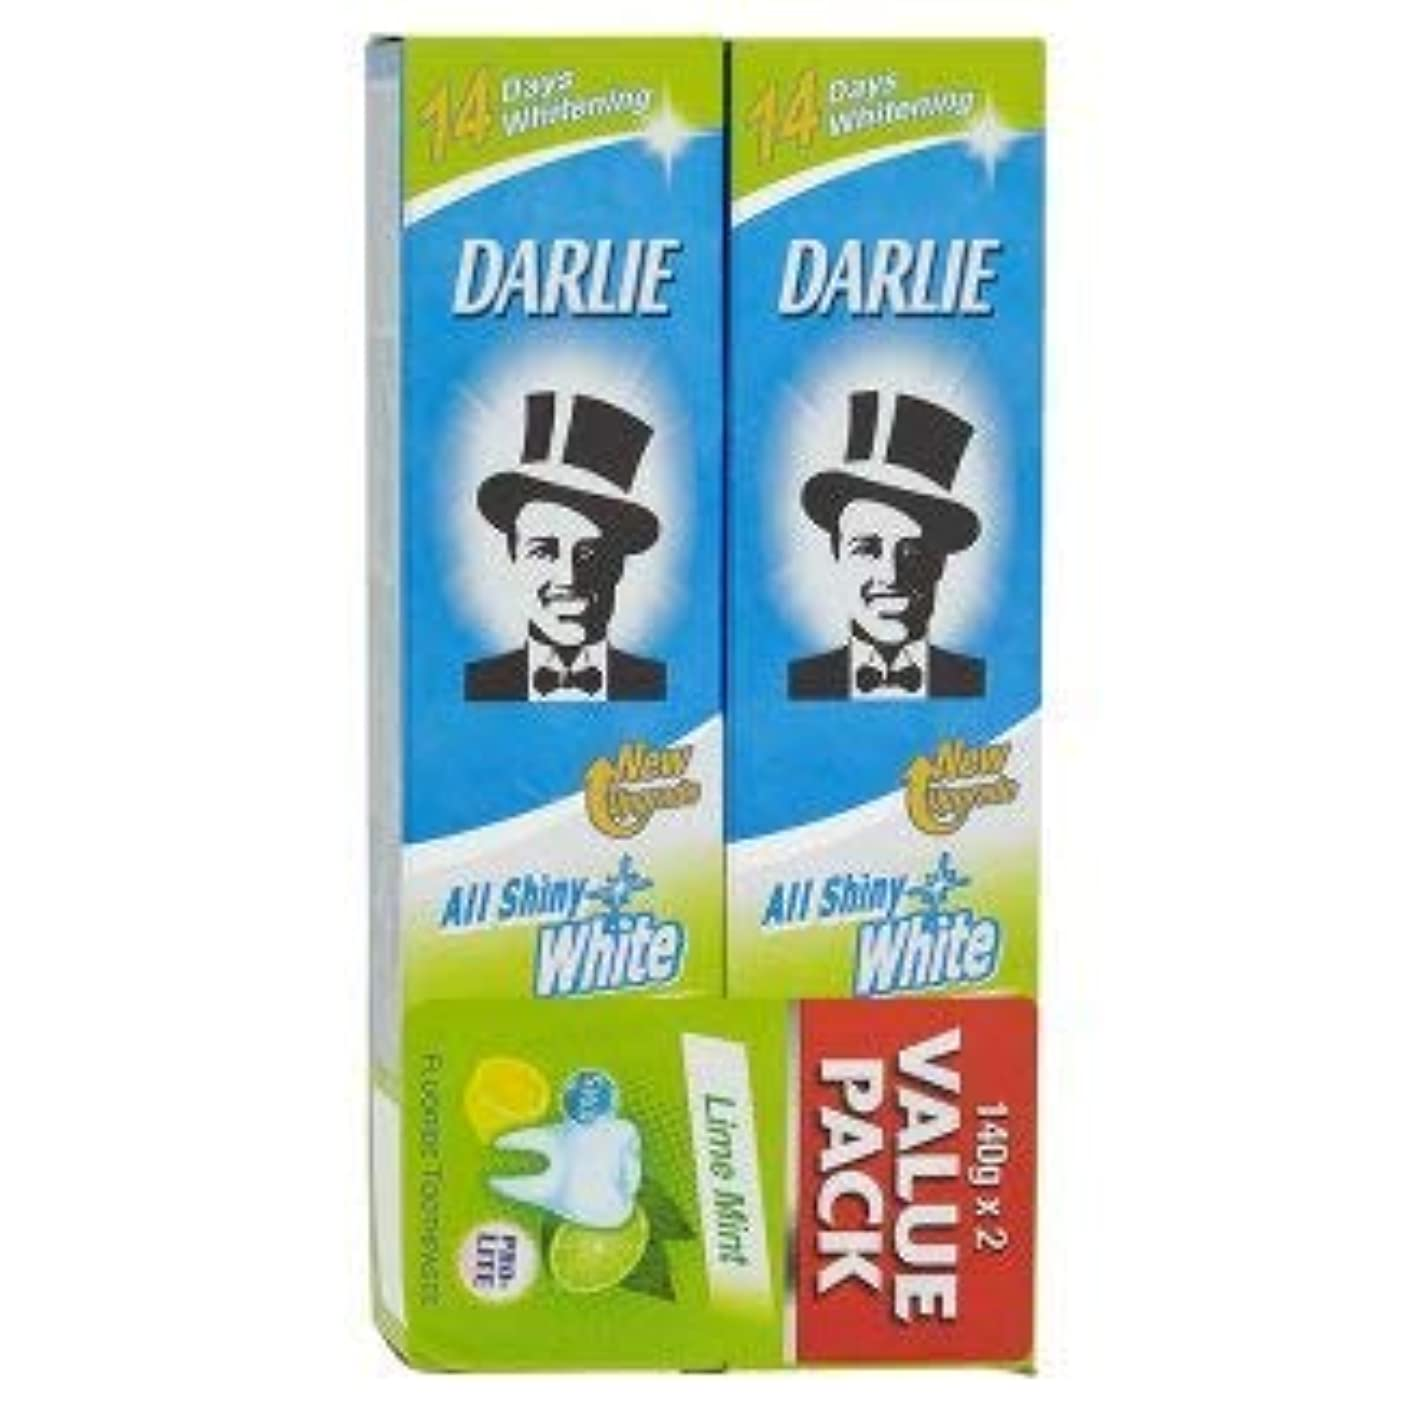 報復するいくつかの小説家DARLIE 2つの電力可溶性汚れや緩やかな歯のホワイトニングを提供する新しいデュアルホワイトニングシステム - 全光沢のある白ライムミント140グラム値パックX2を歯磨き粉